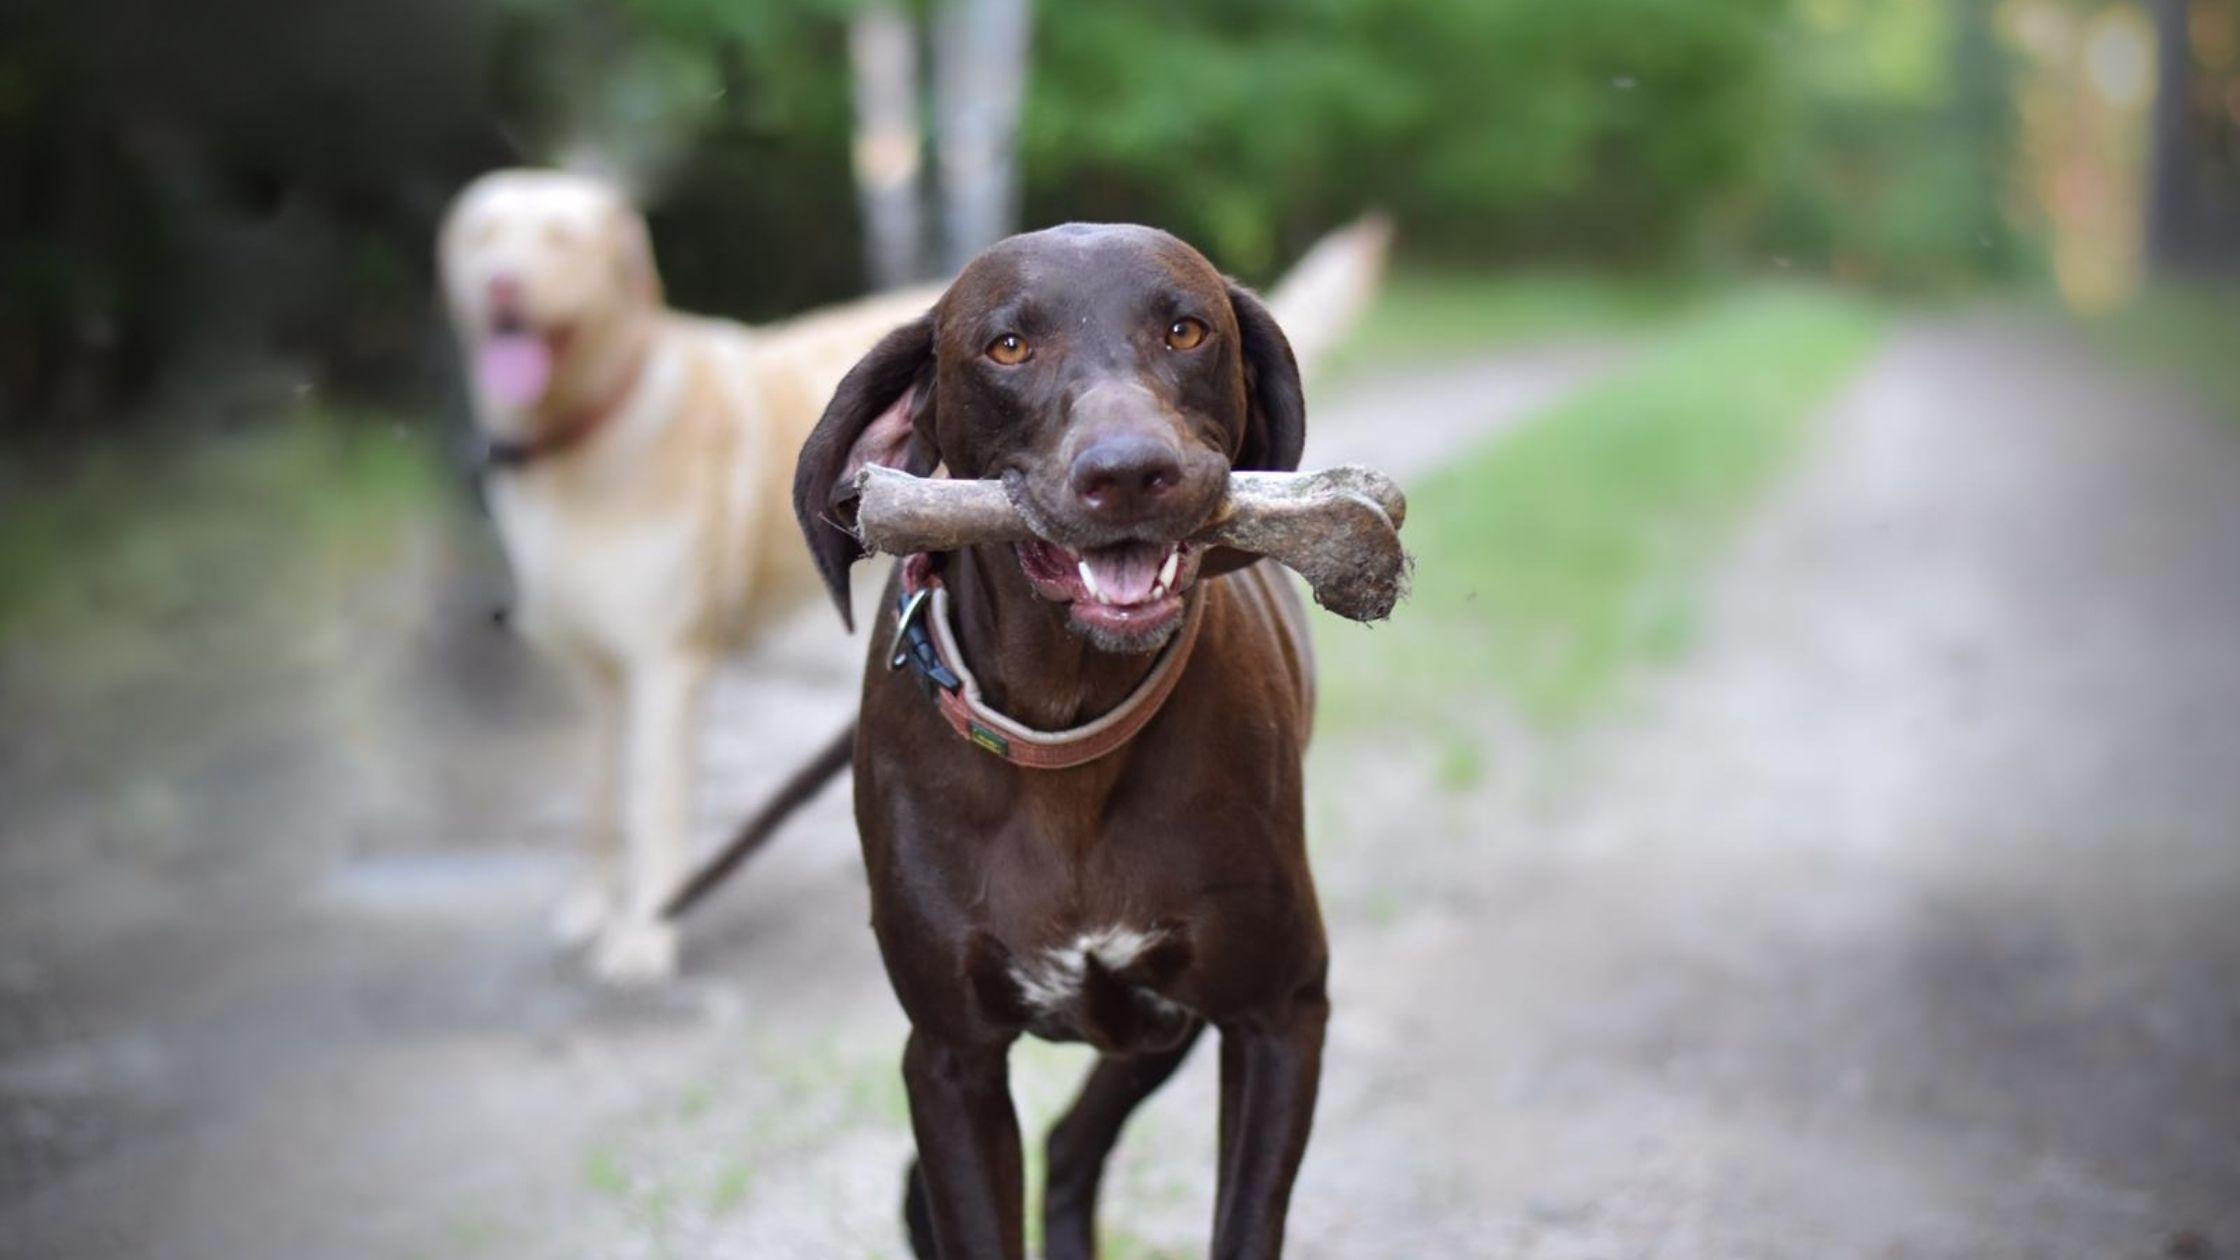 Can dogs have deer bones